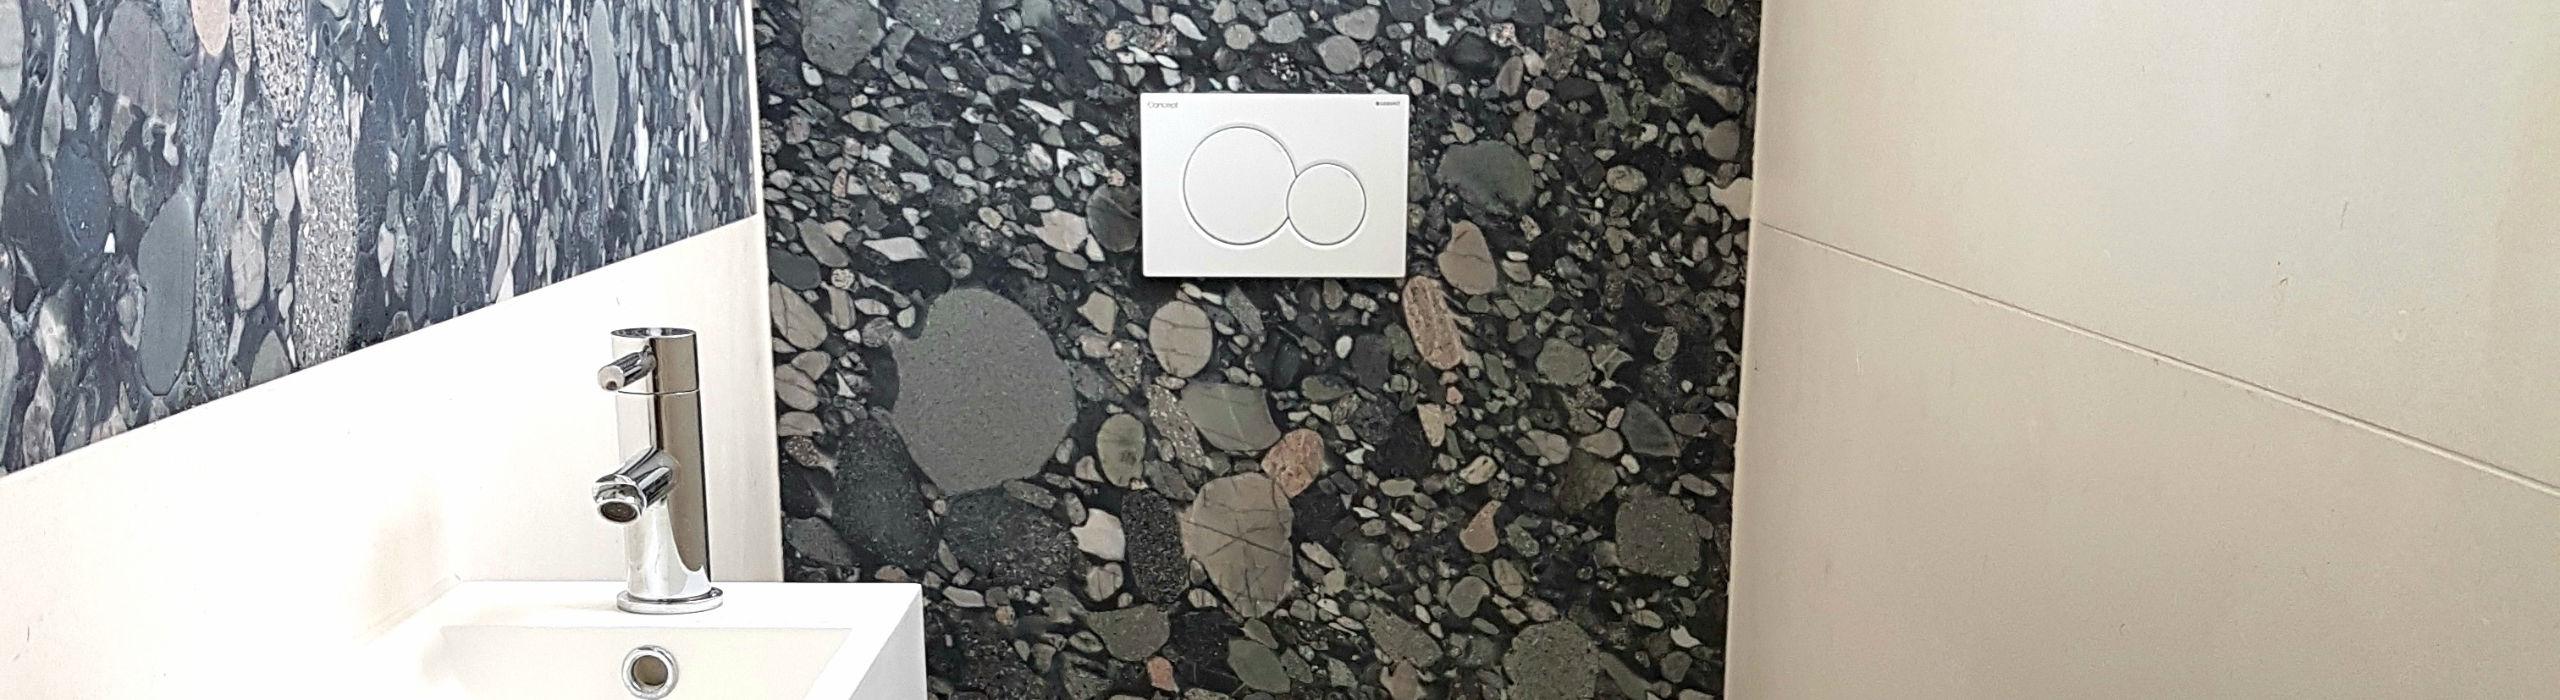 Gäste-WC mit Steel Grey- und Miros-Fliesen